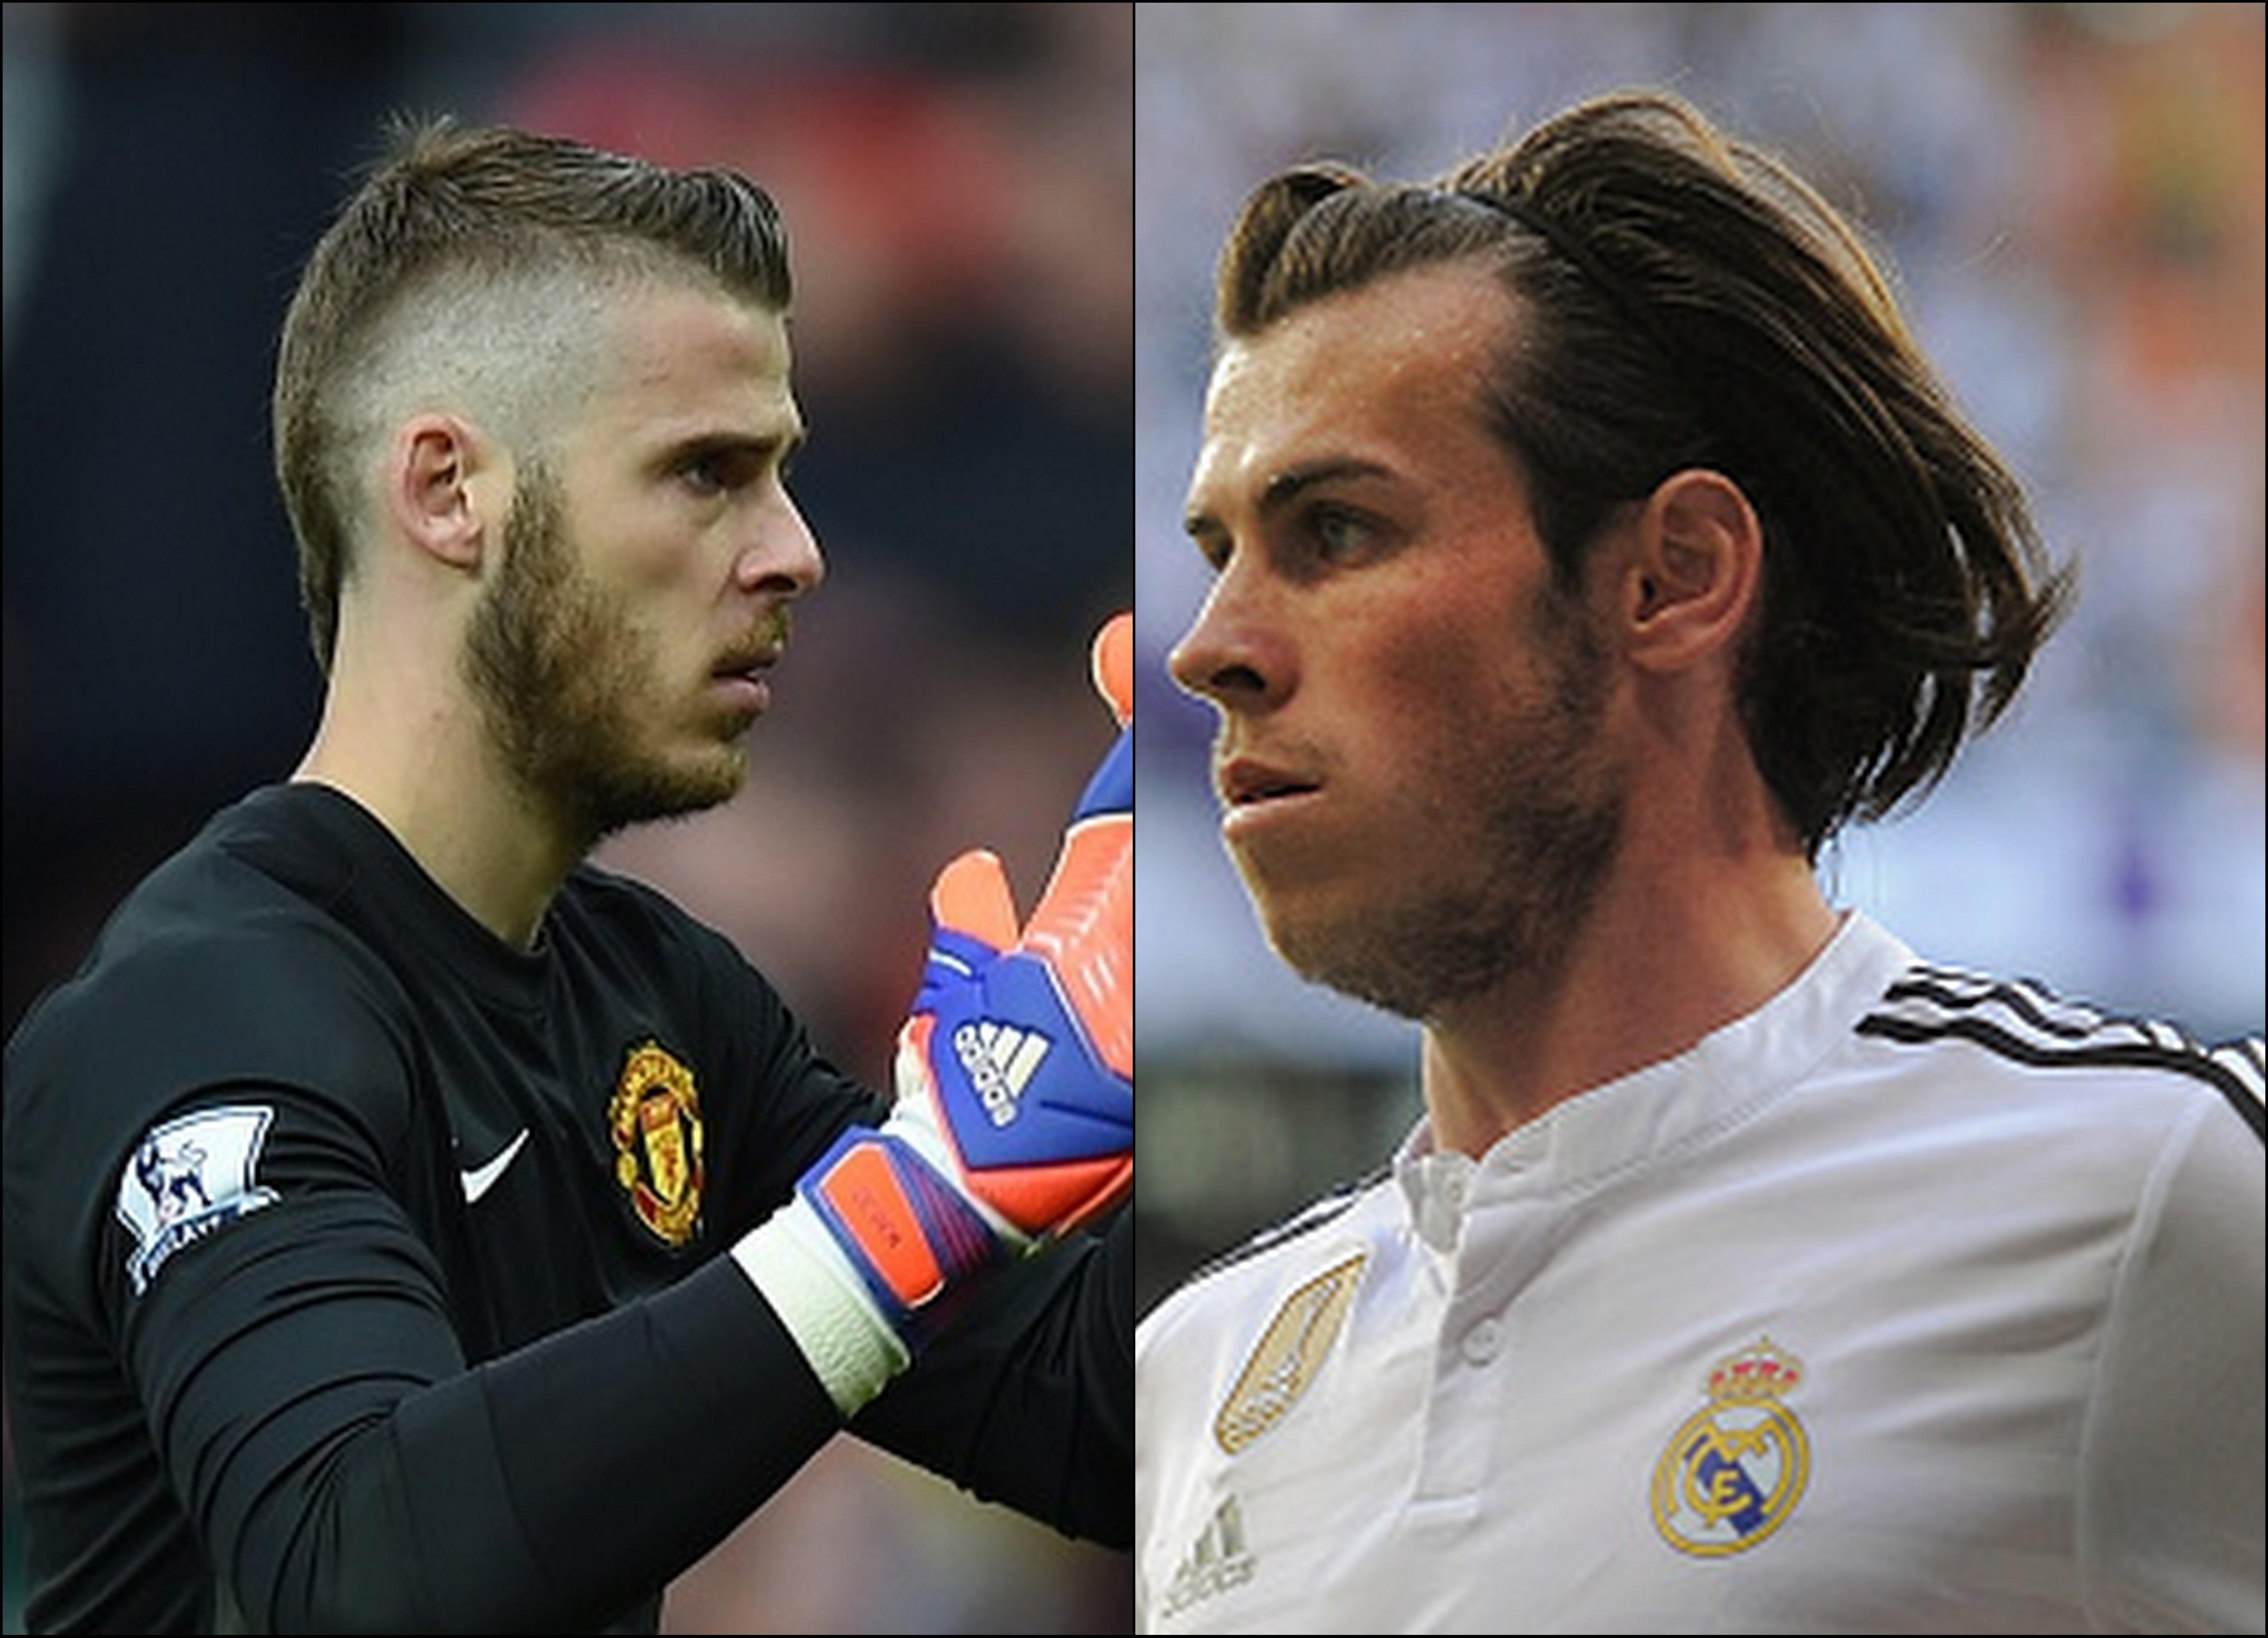 David De Gea and Gareth Bale